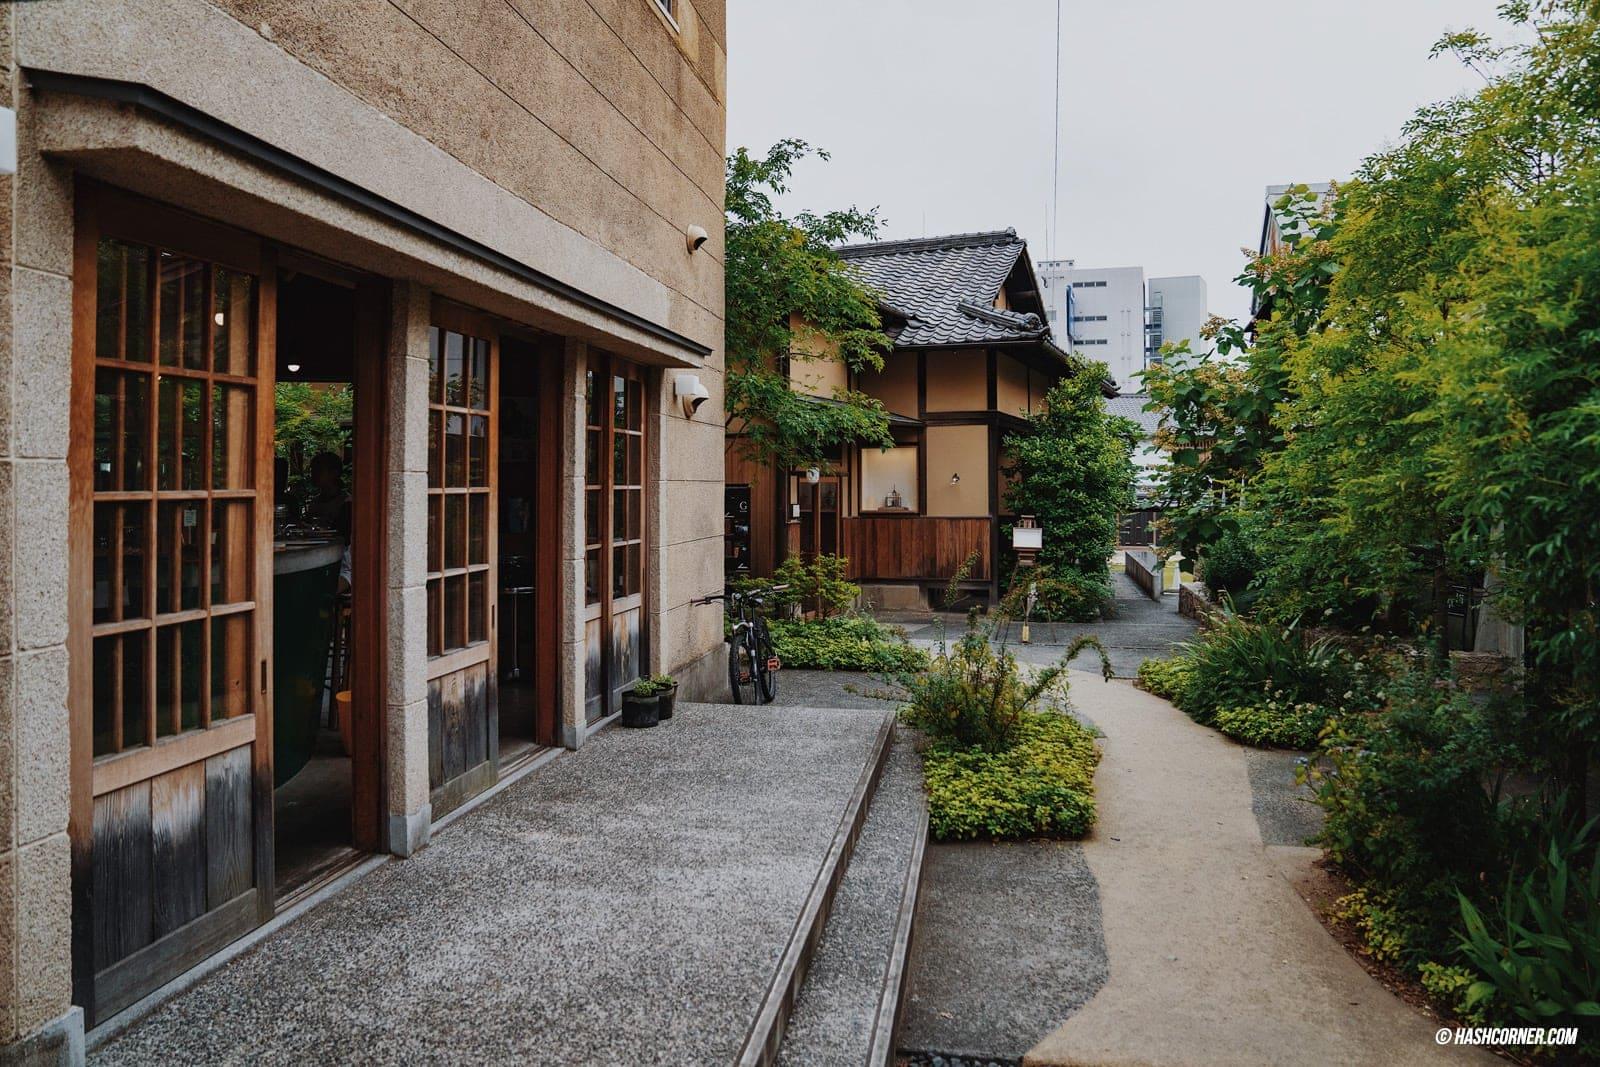 รีวิว โอคายาม่า x คุราชิกิ (Okayama-Kurashiki) เที่ยวญี่ปุ่น